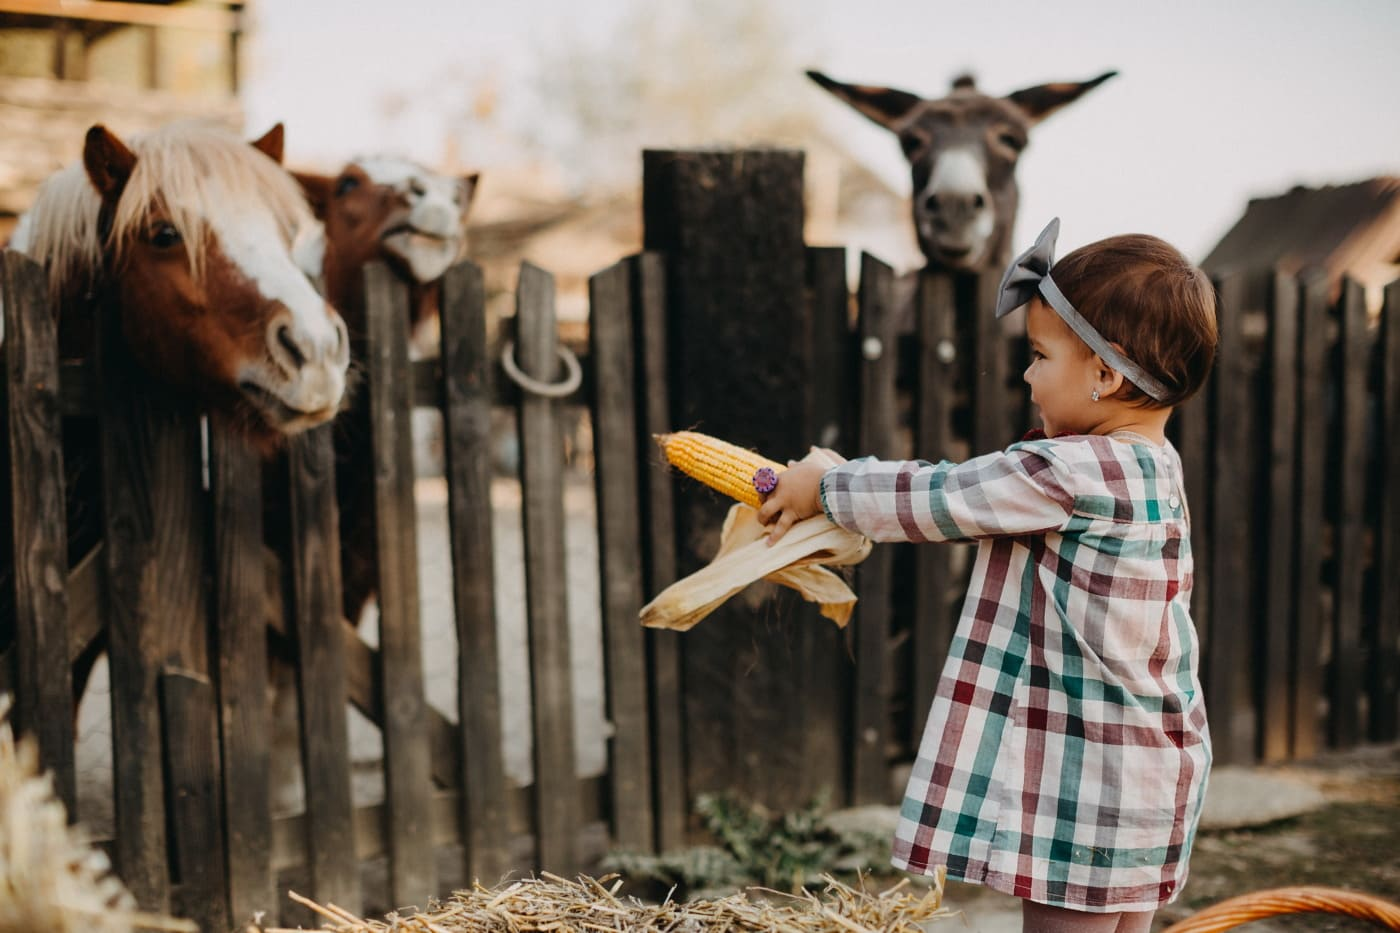 infanzia, bella ragazza, divertimento, terreni agricoli, animali, cavalli, asino, Agriturismo, figlio, azienda agricola